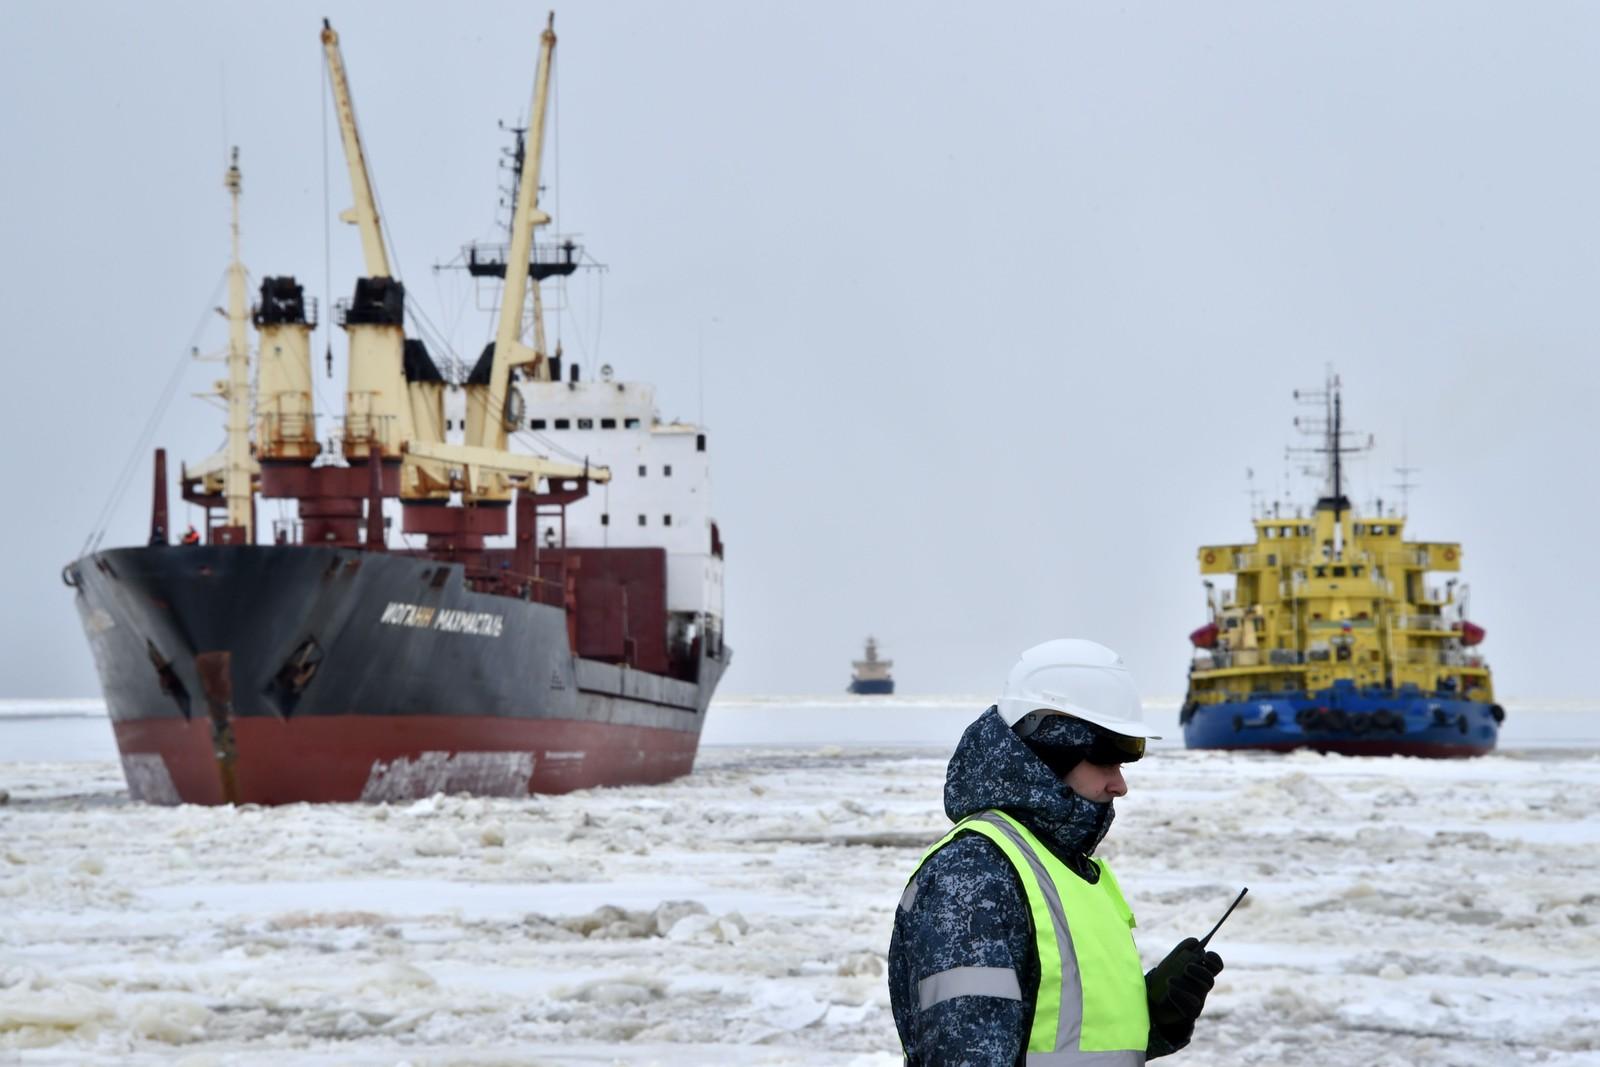 ISBRYTER: Isbryteren Tor ved havnen i Sabetta, mai 2016. Etter at EU og USA innførte sanksjoner mot Russland, og europeiske land forsøker å gjøre seg uavhengig av russisk gass, har Russland vendt oppmerksomheten mot Japan, Kina og Sør-Korea. For å frakte gassen til Asia gjennom Nordøstpassasjen må kraftige isbrytere tas i bruk.